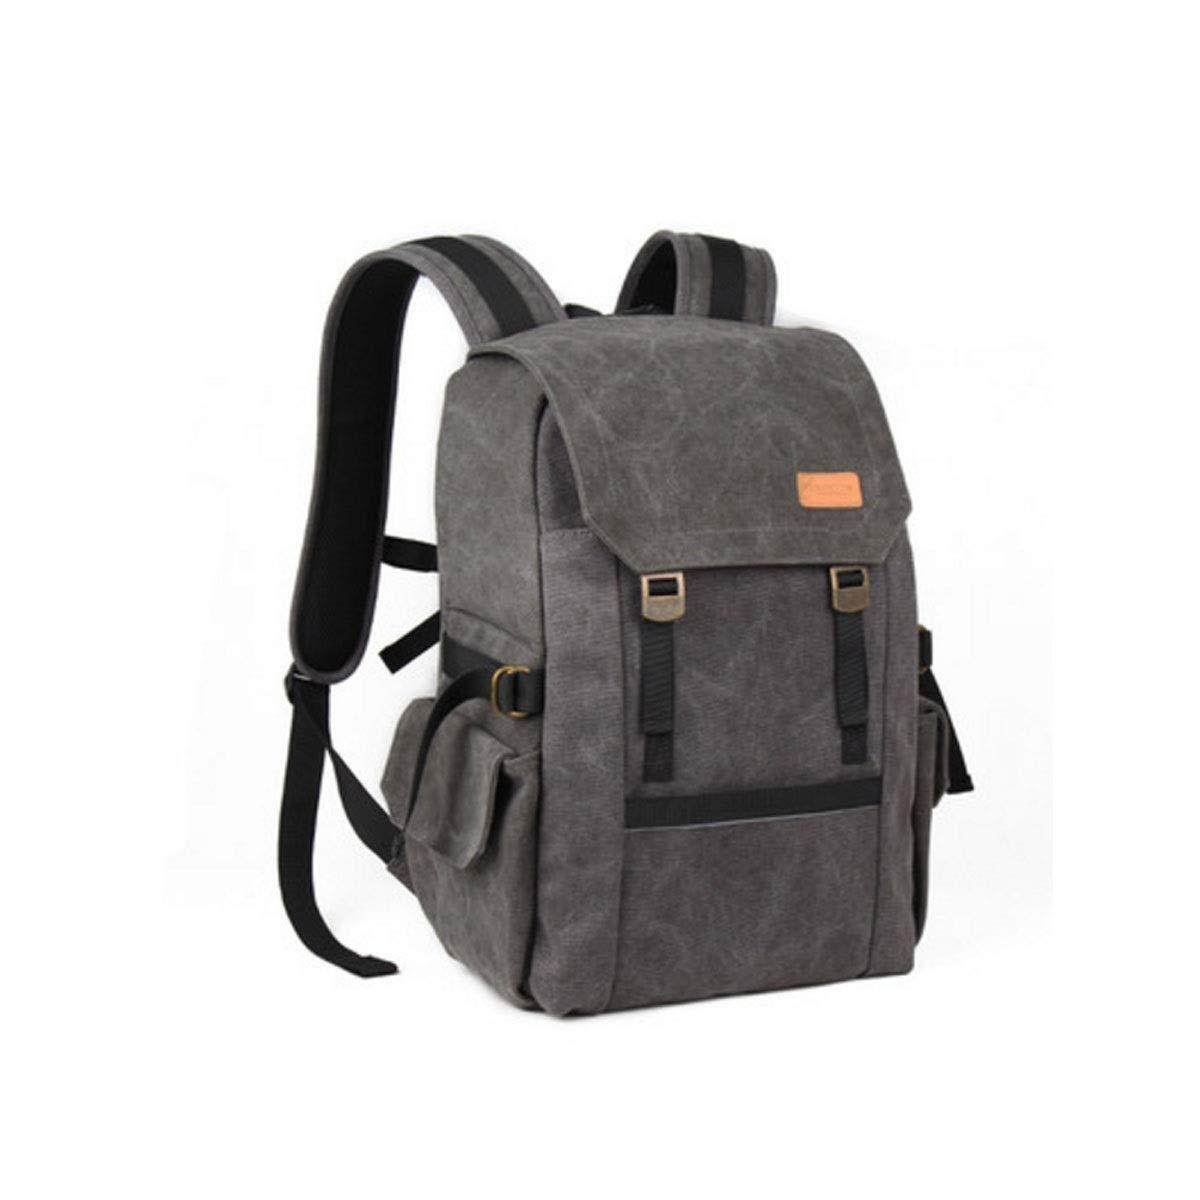 カメラバッグ、ショルダー一眼レフカメラのバックパックバッグ、プロの旅行アウトドアキャンバスカメラバッグ、ミリタリーグリーン (Color : Black) B07R4V4RSW